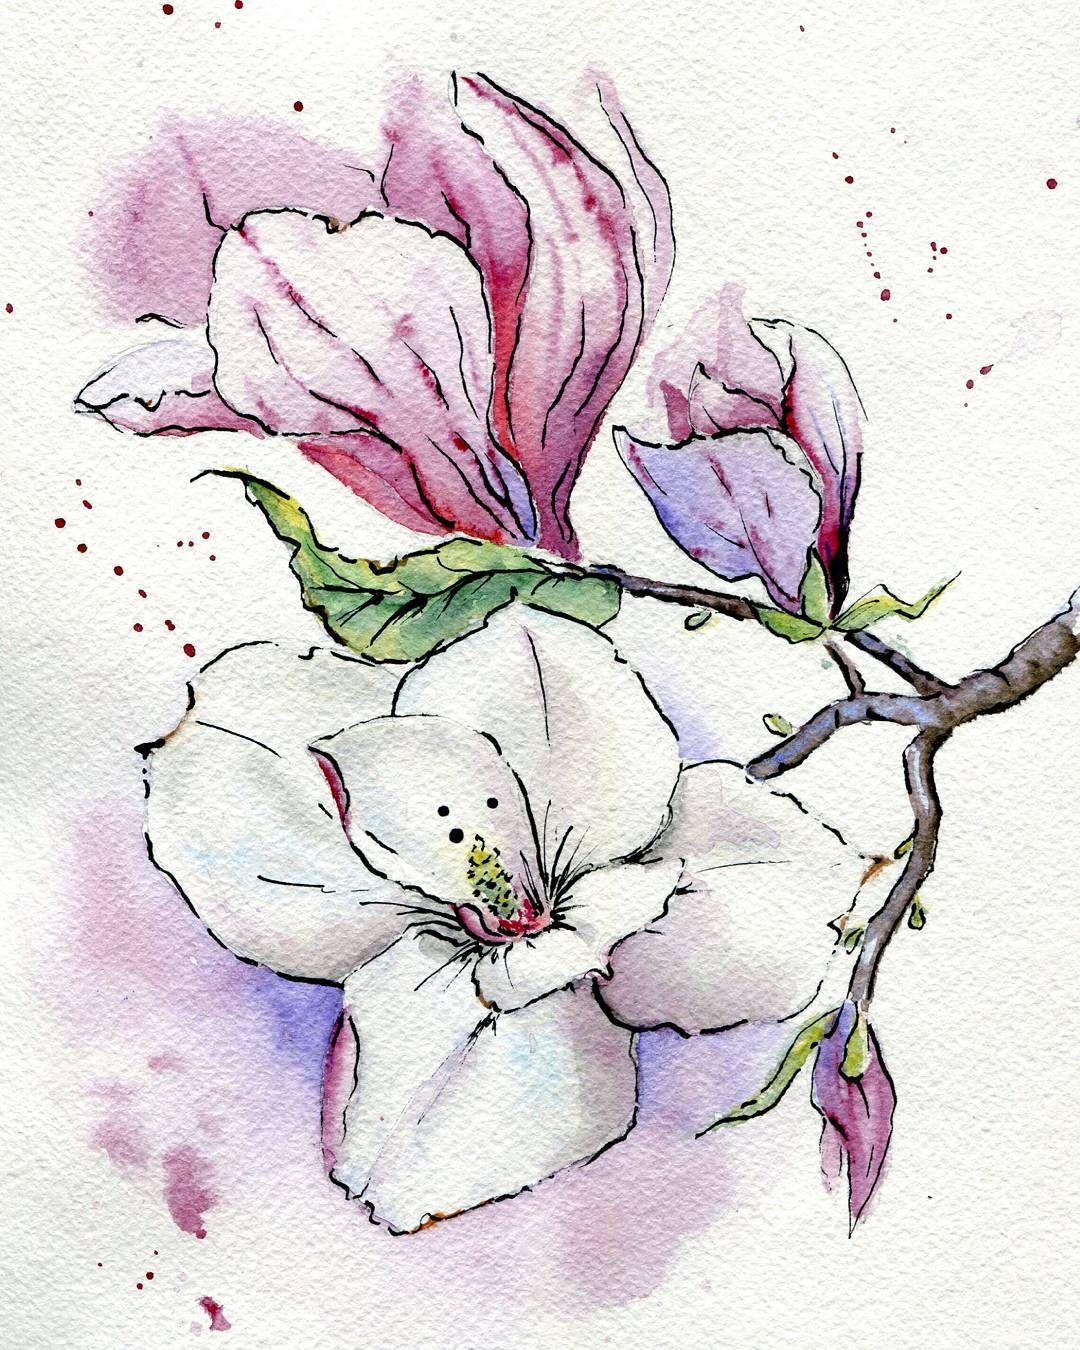 подготовленный рисуем цветы акварелью картинки выкладываем разделочную